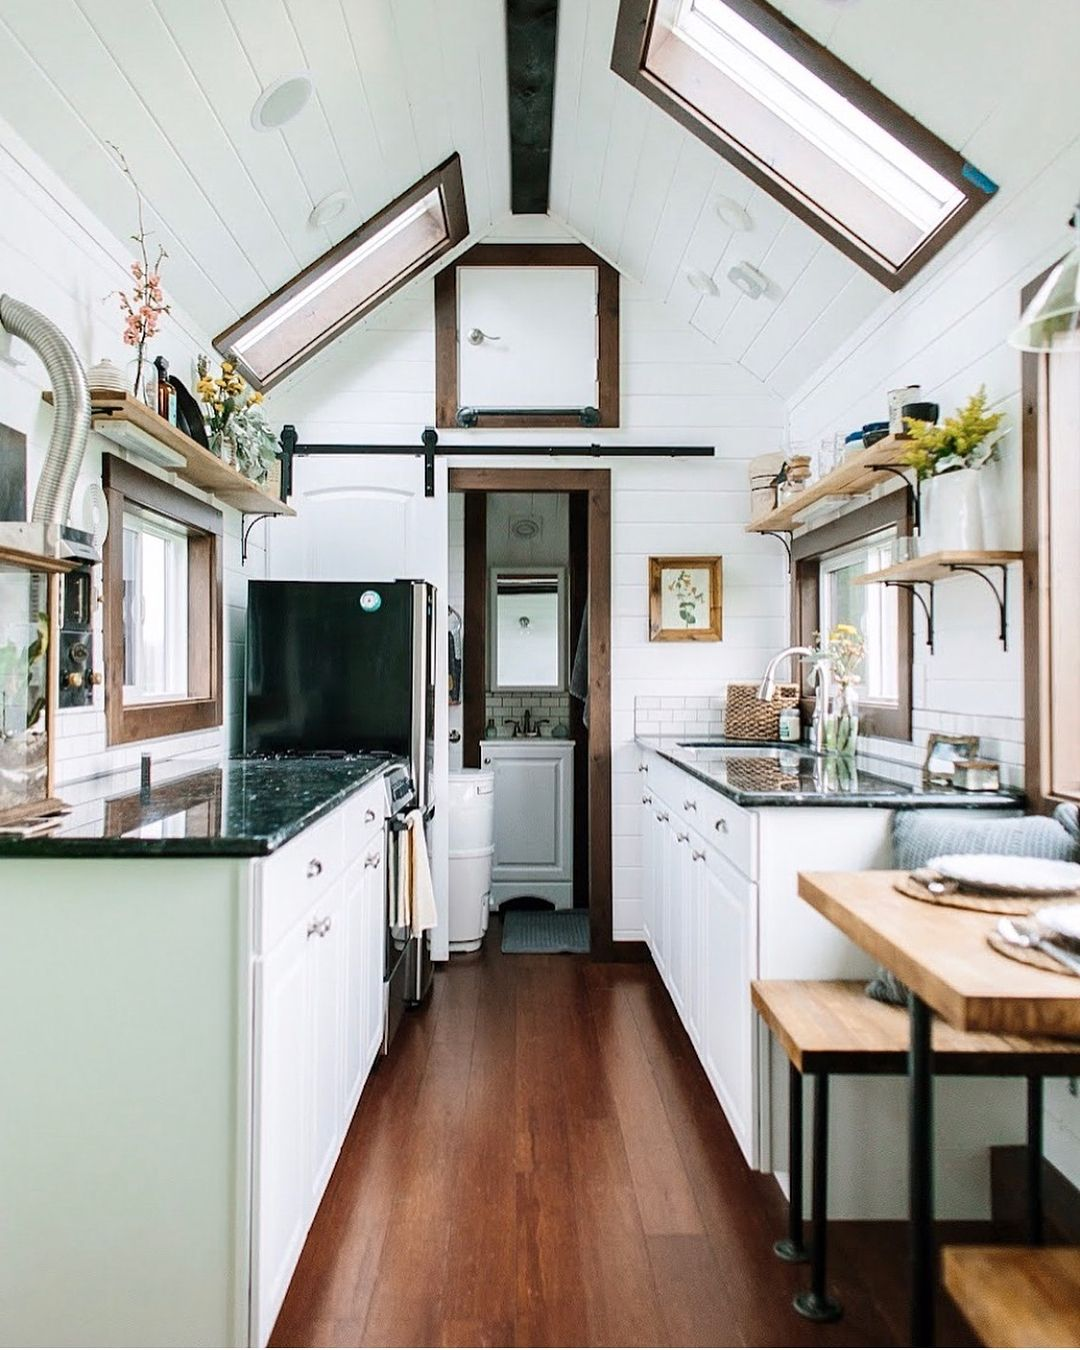 Une maison-conteneur écologique fabriquée en France   Cuisines de maison minuscules, Cuisine ...